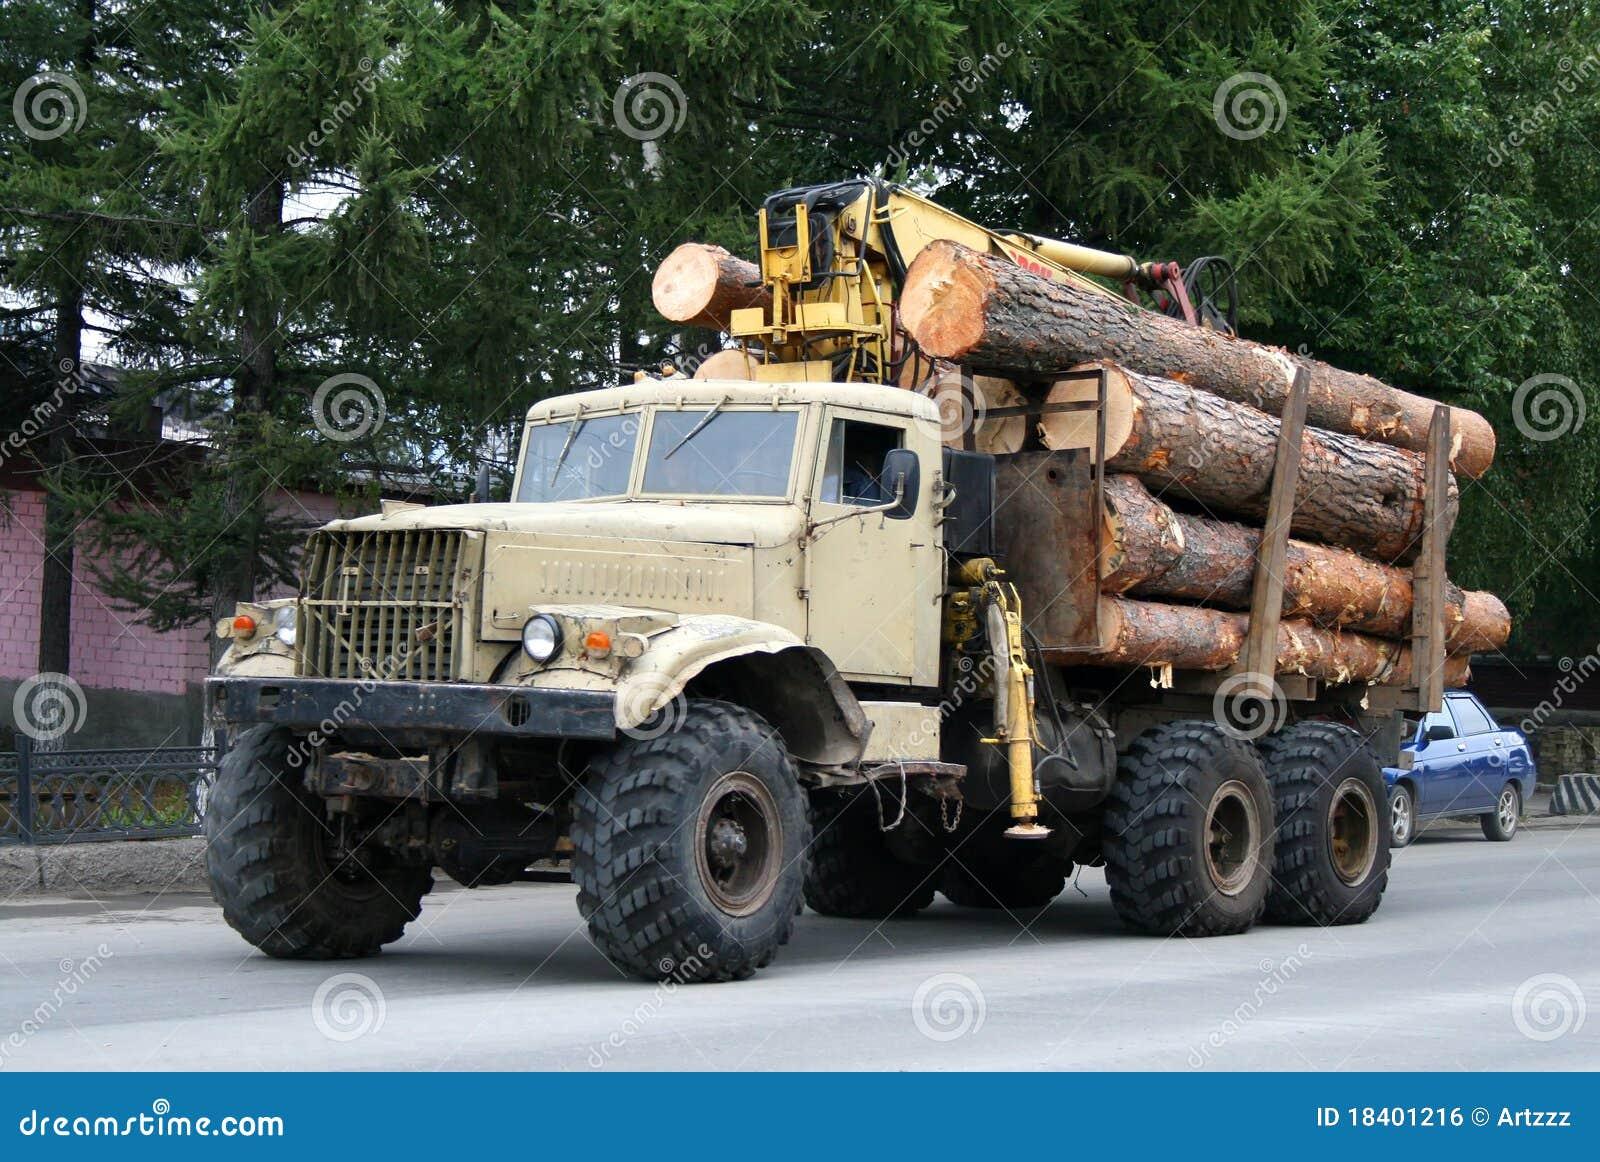 Camion de bois de construction photo stock image 18401216 for Bois de construction